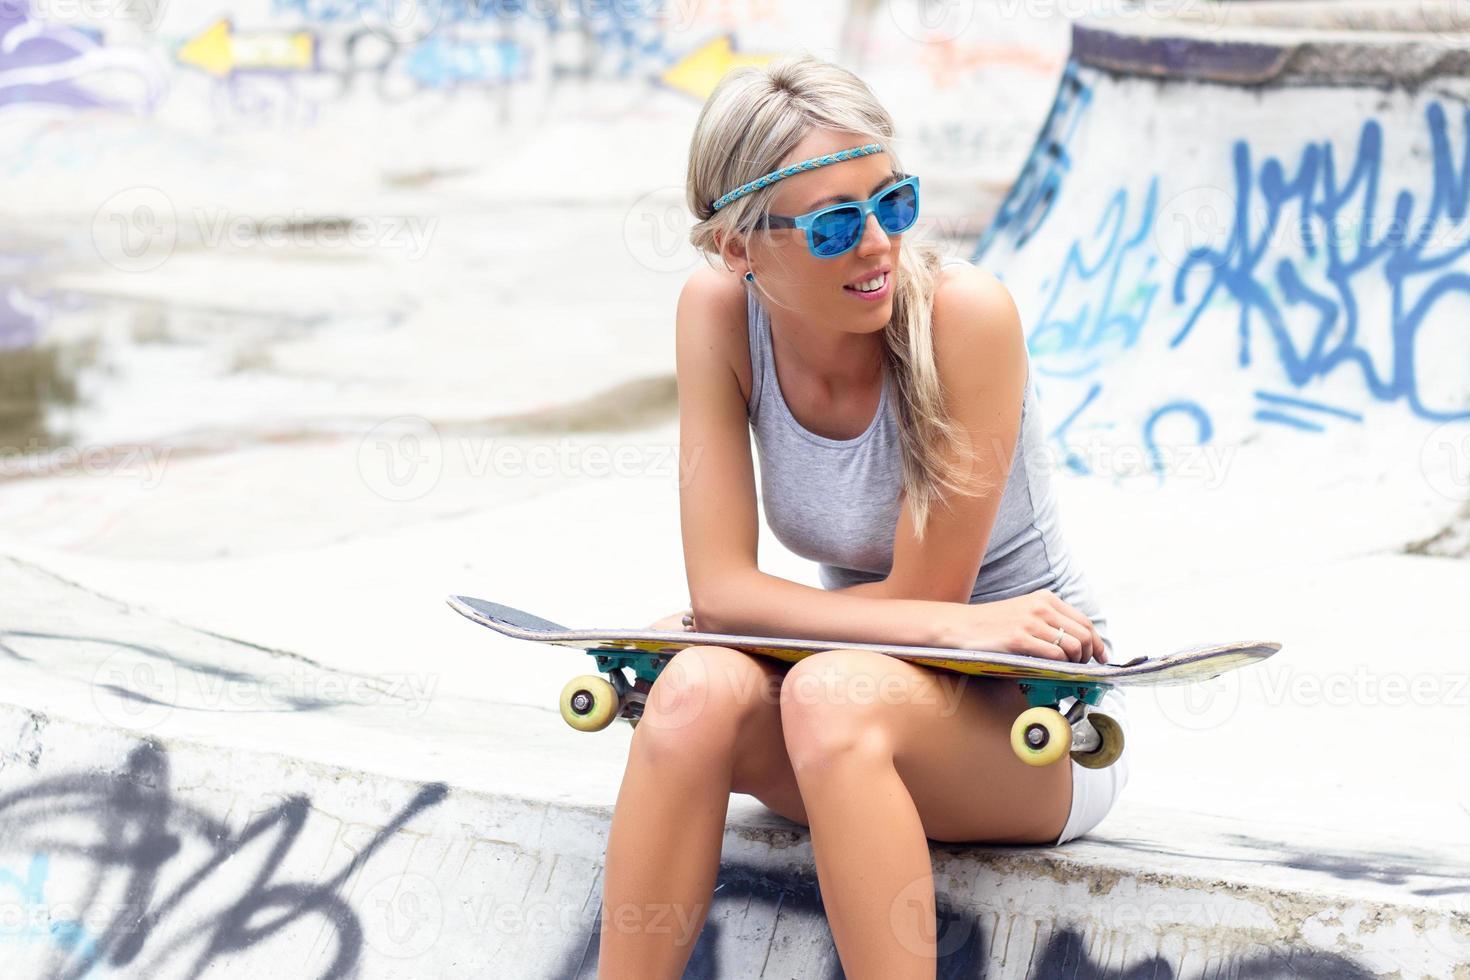 jovem com skate sentado no skatepark foto